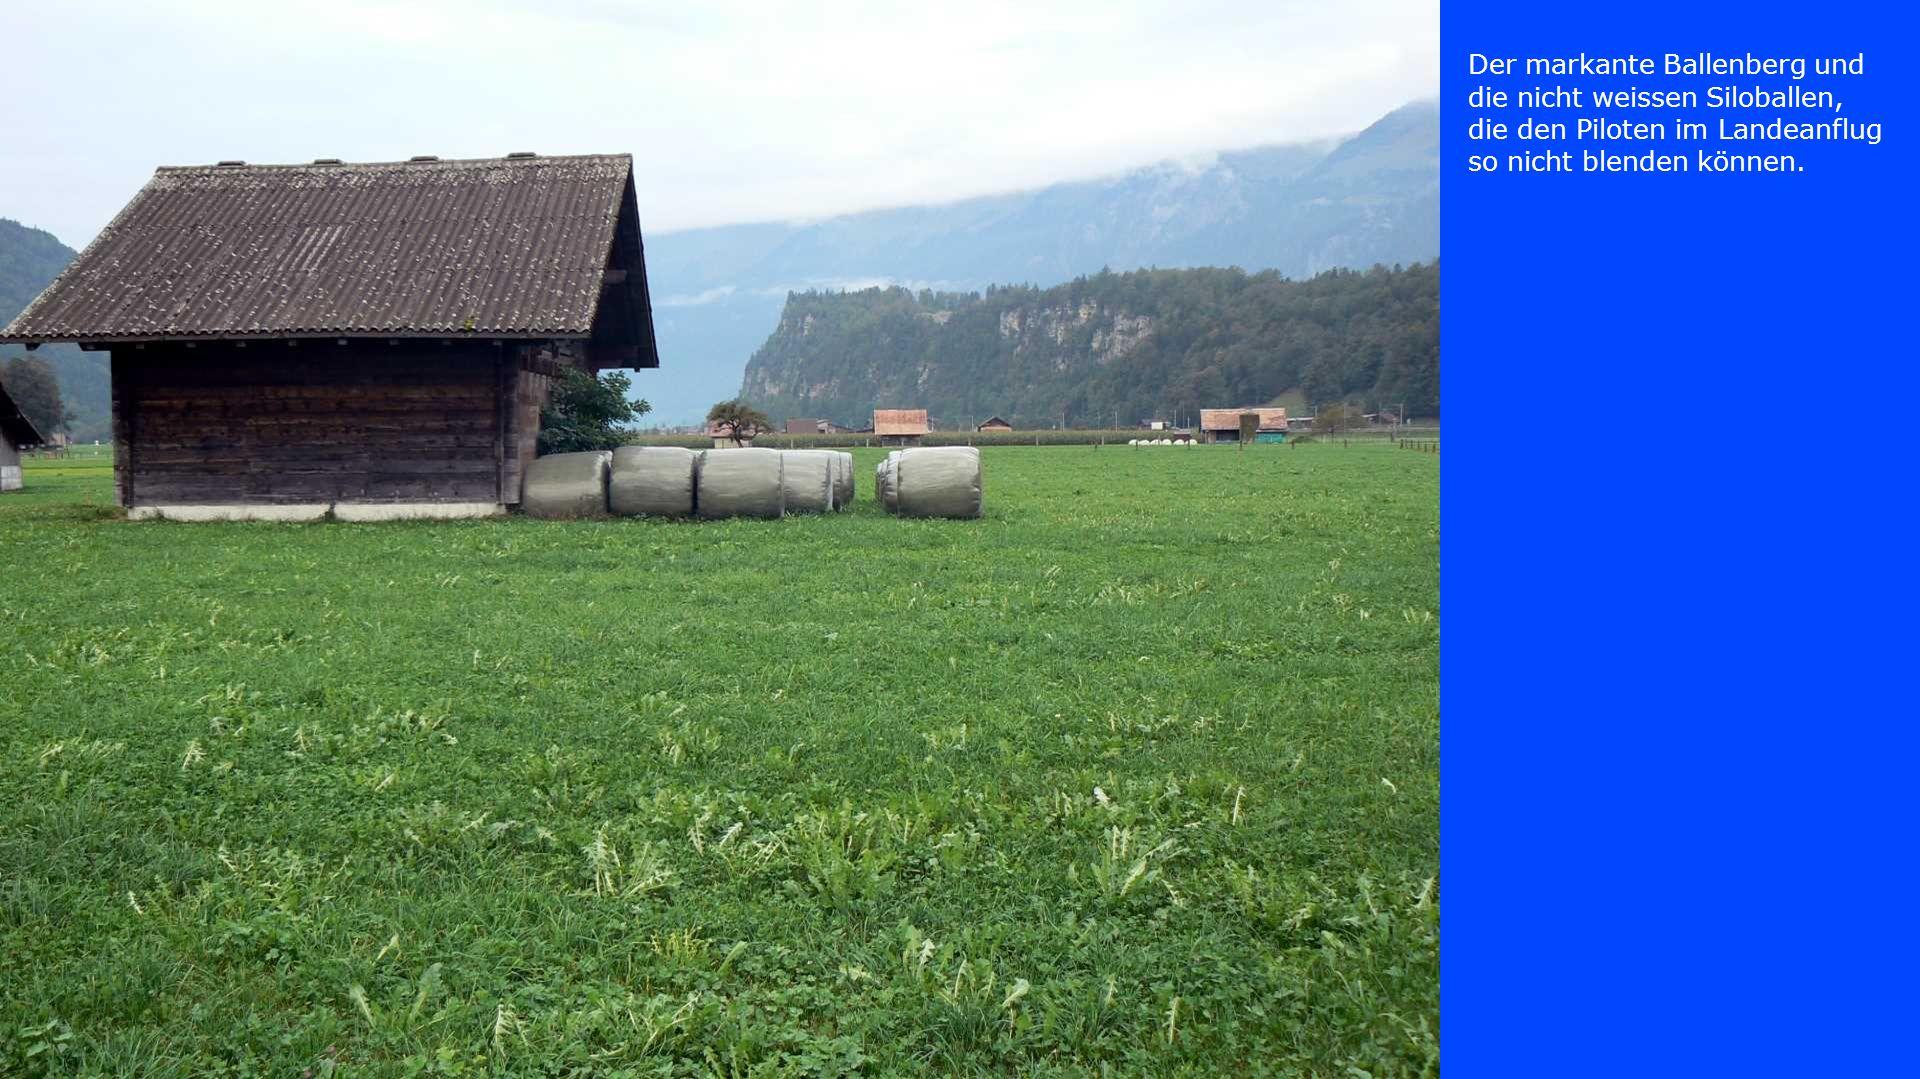 Unterwegs der Piste entlang in Richtung Unterbach Dorf interessiert sich dieses Pferd für uns.